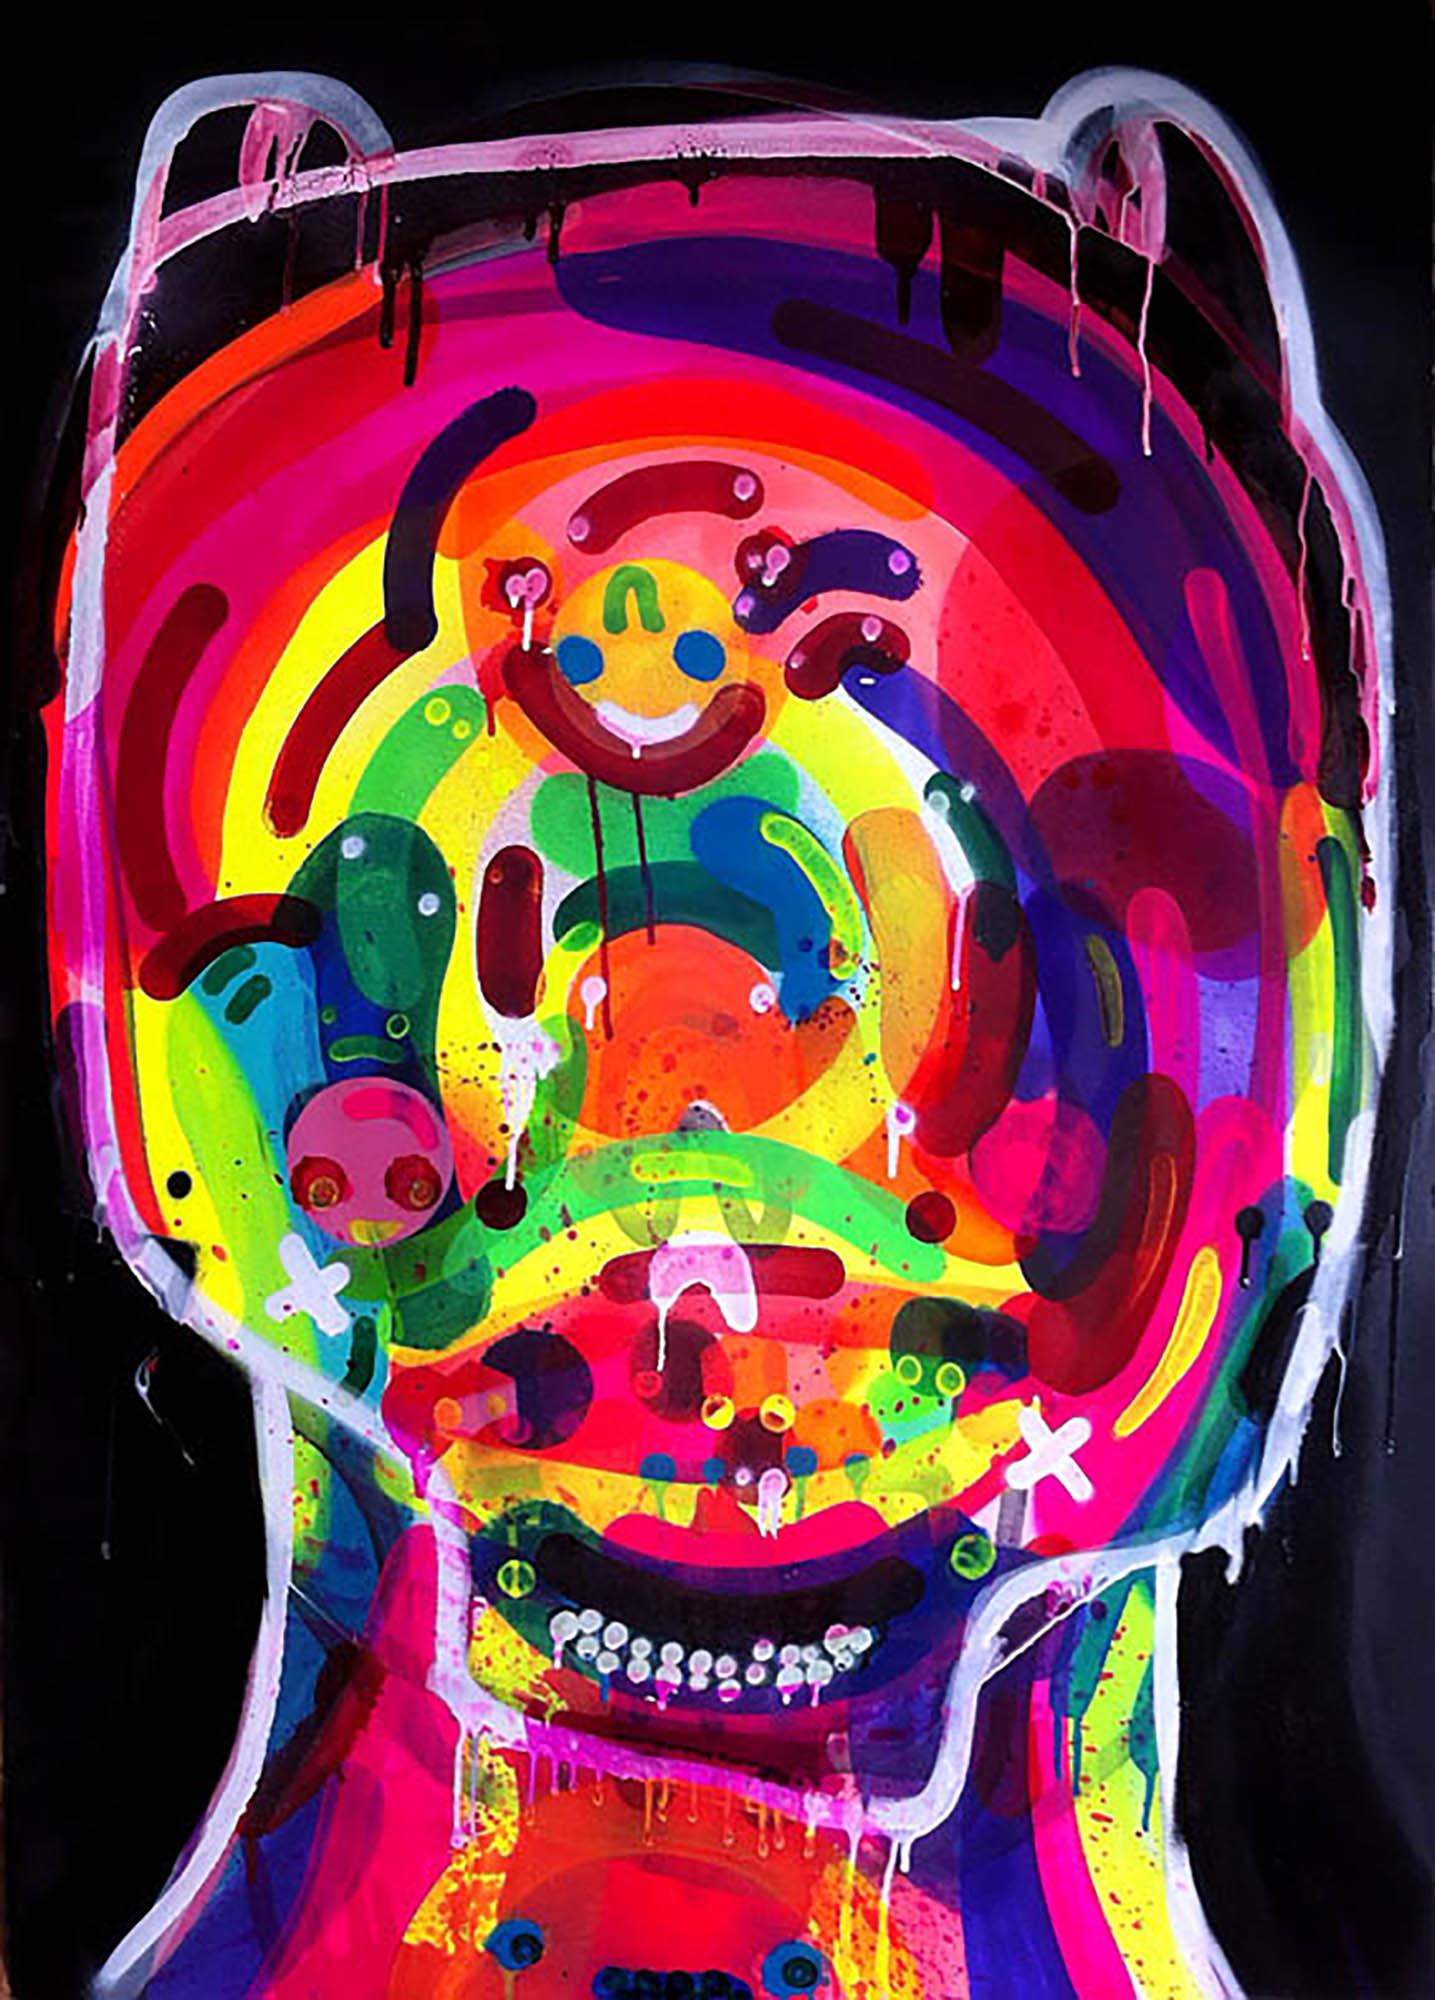 Obra do artista Prozak técnica mista sobre papel Fabriano 70x100cm